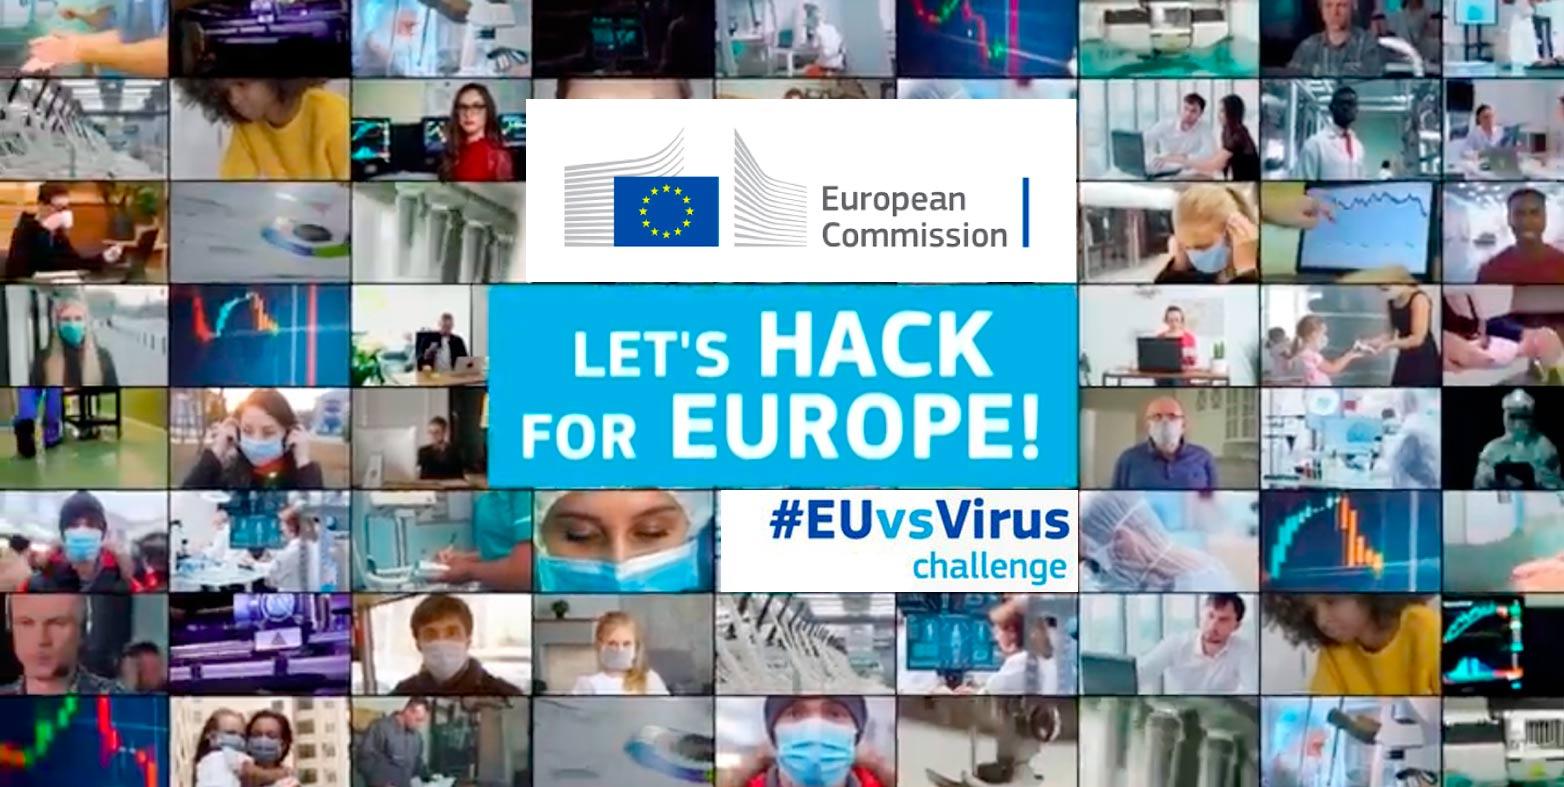 Cibervoluntarios participa en el Hackathon #EUvsVirus impulsado por el Consejo Europeo de Innovación